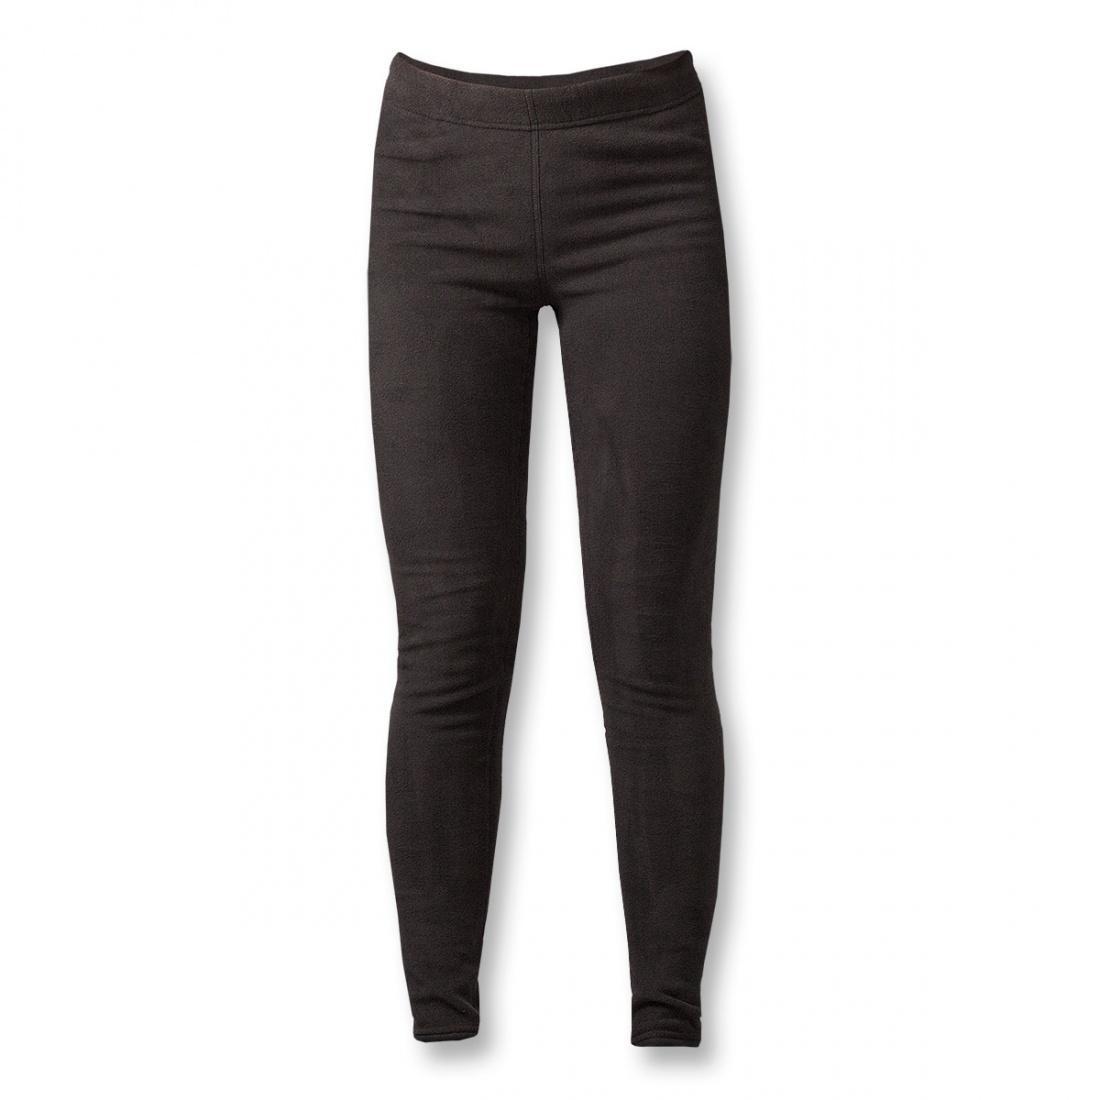 Купить Термобелье брюки Penguin 100 Micro Женские от Red Fox в России